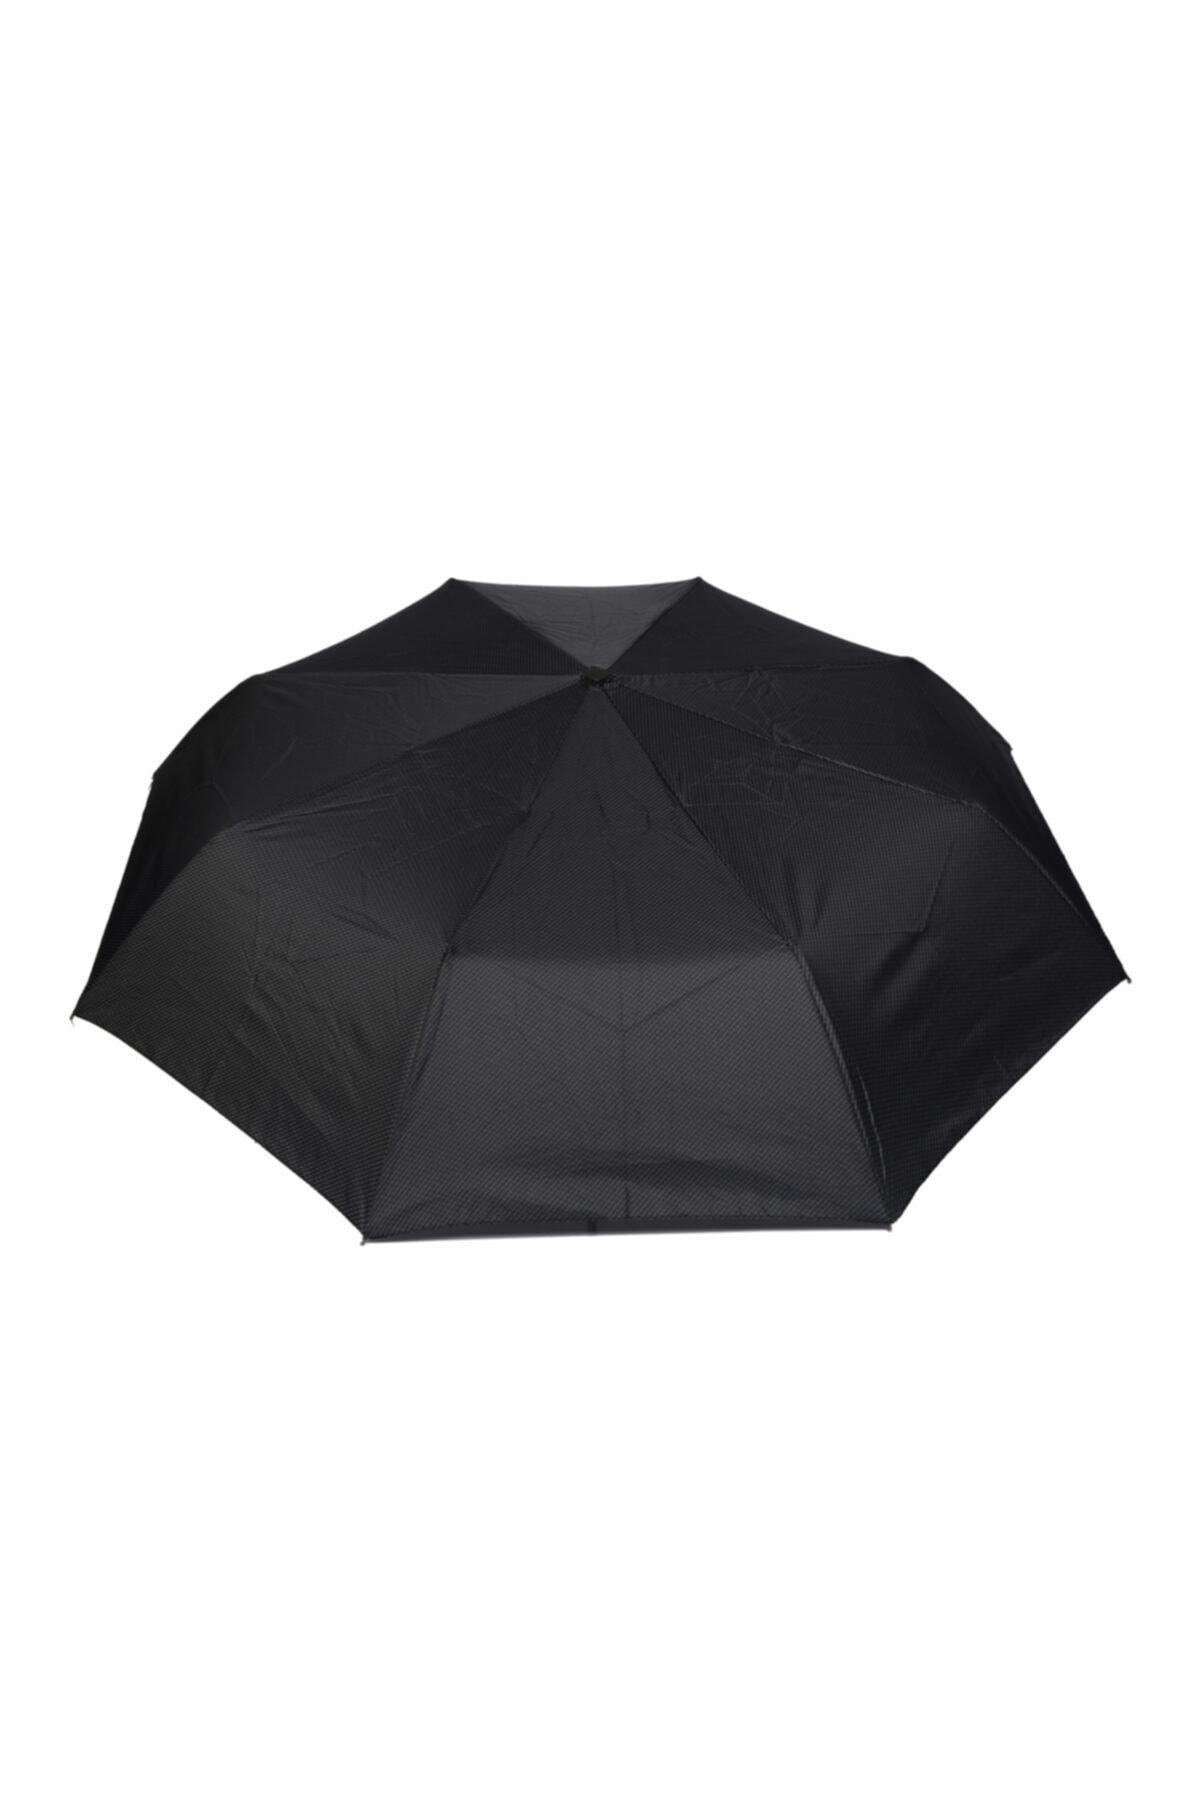 Almera Otomatik Şemsiye 2